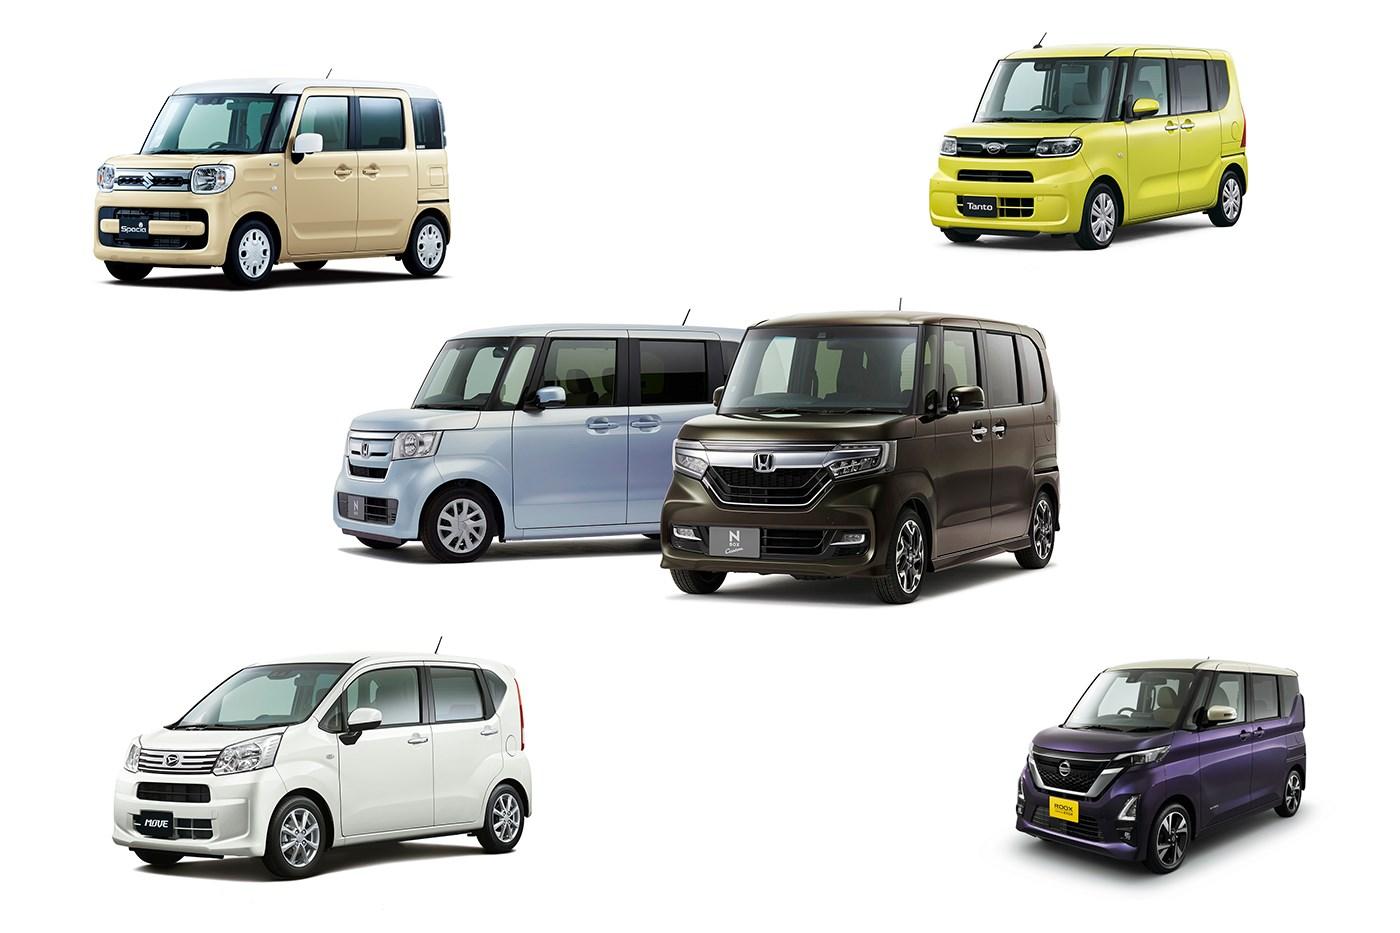 3月の軽自動車売り上げ、N-BOX、スペーシア、タント、ルークスの4メーカーのスーパーハイトワゴンがトップ4に